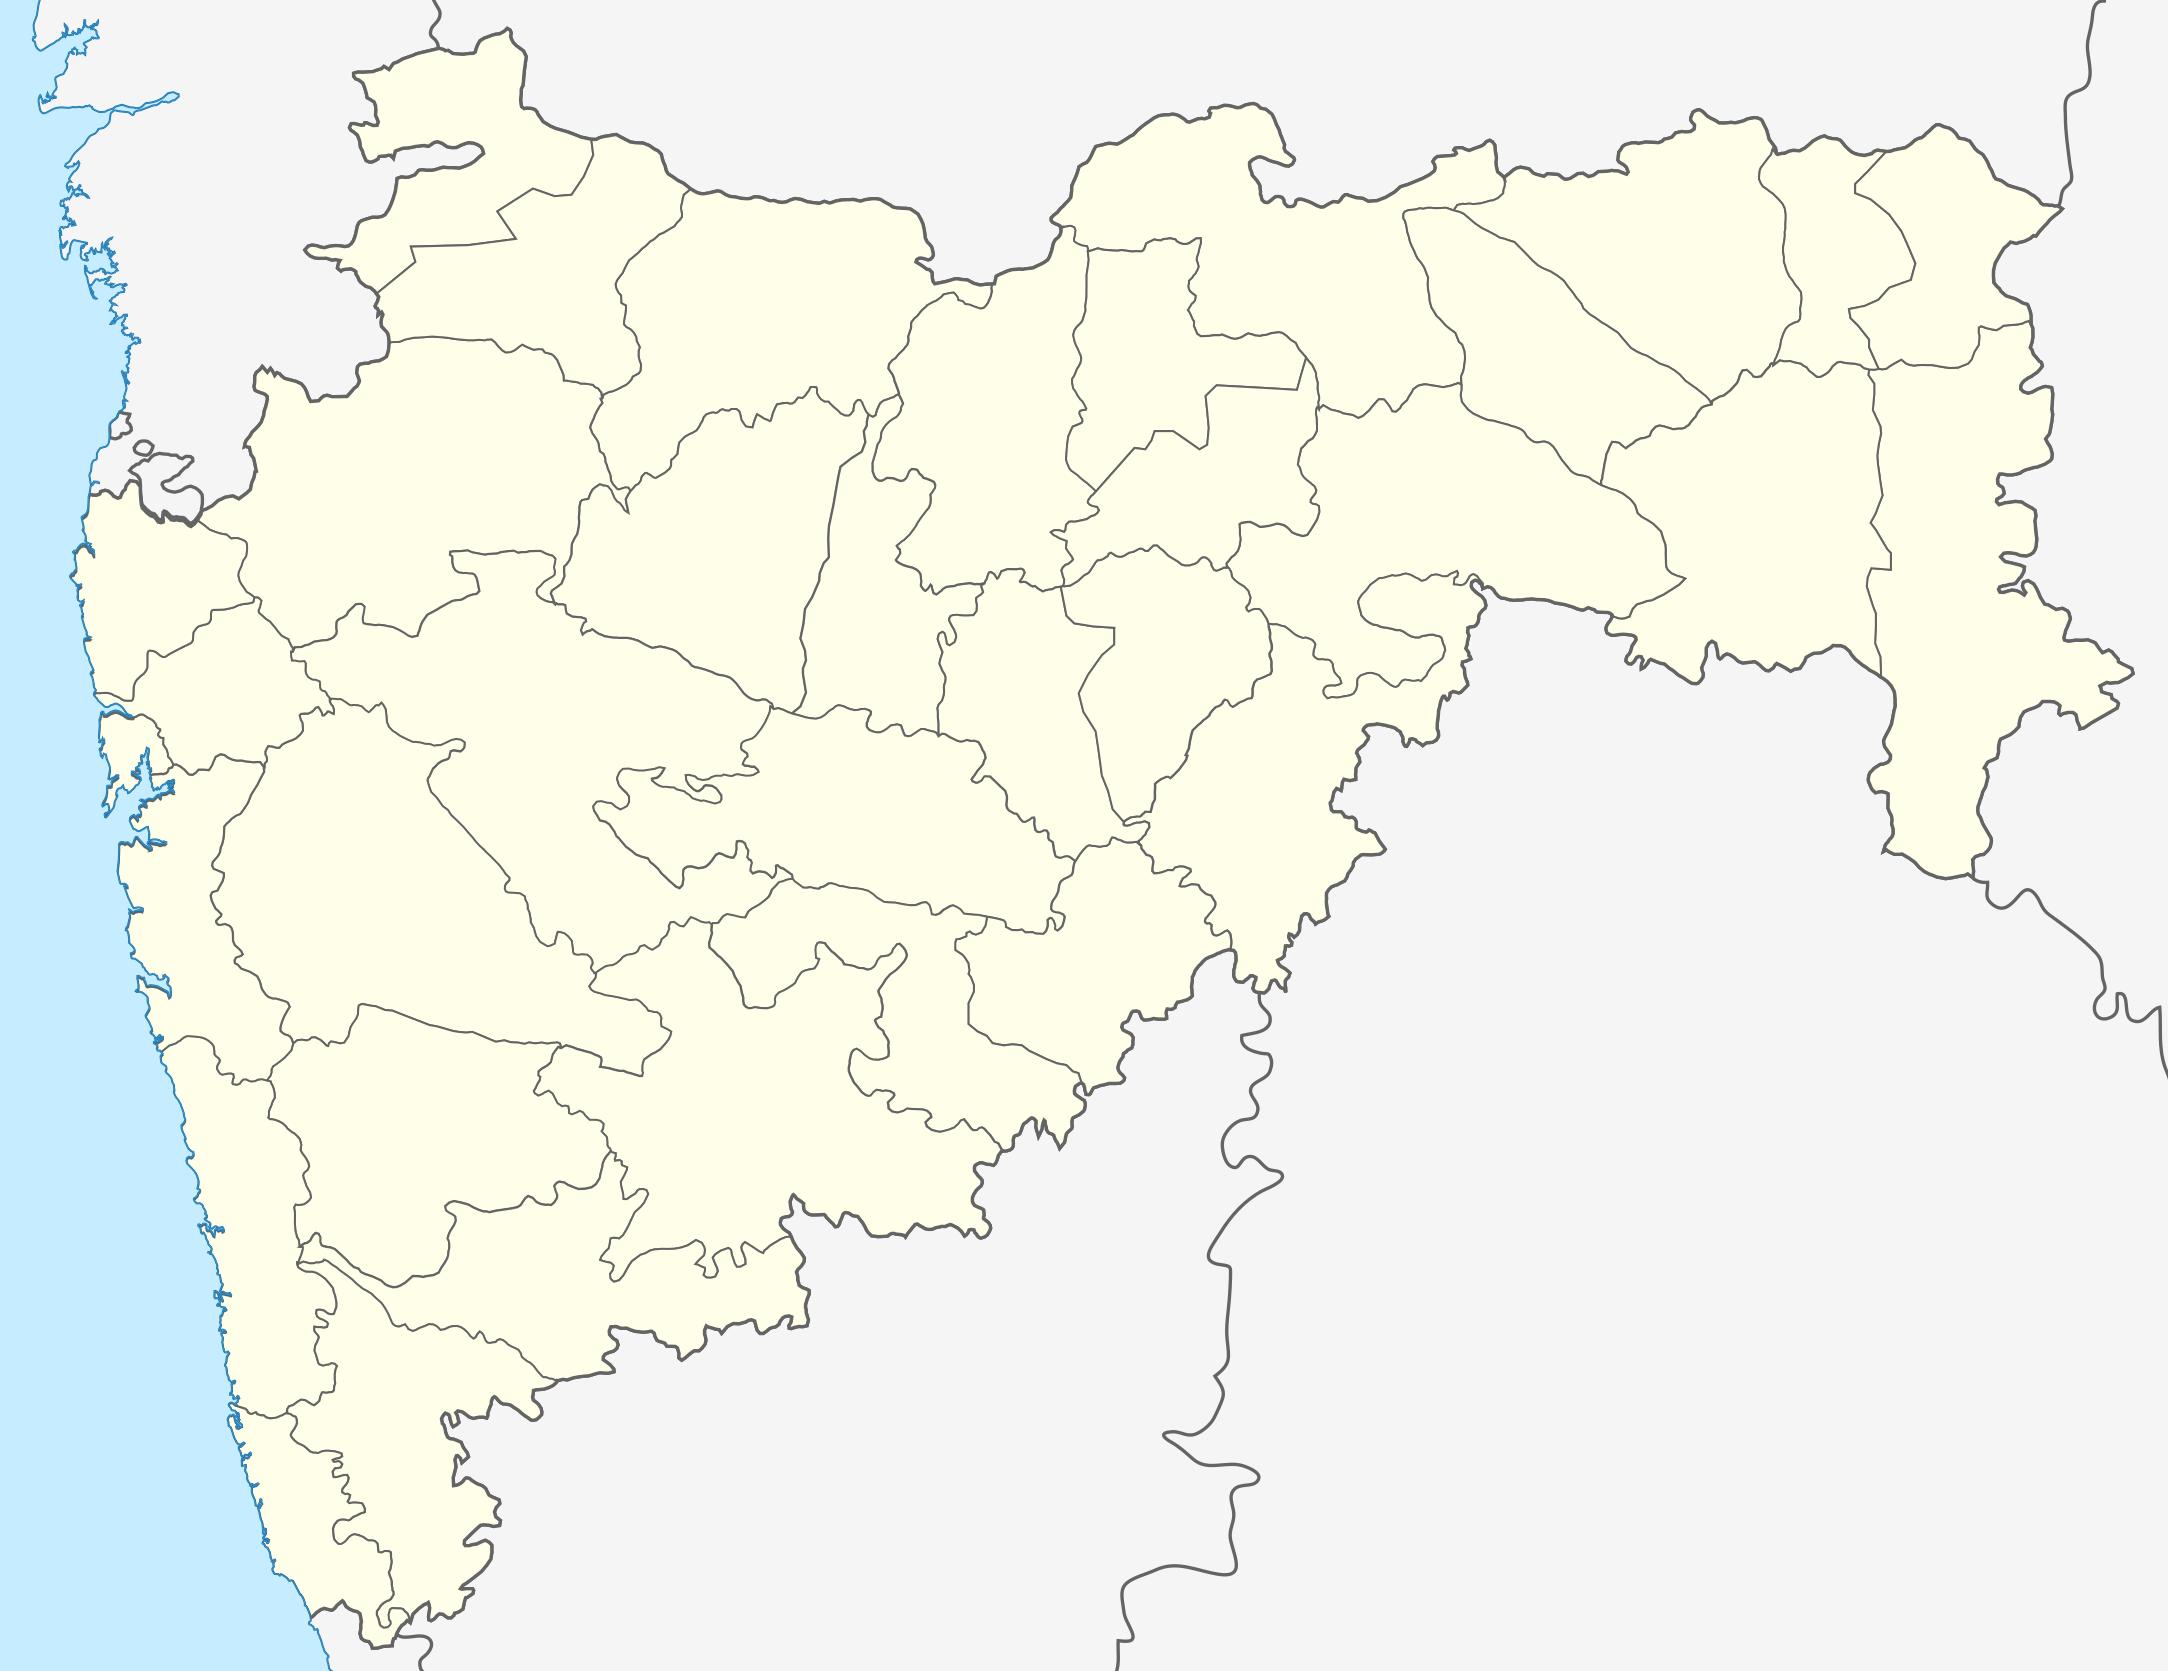 Maharashtra India Wikipedia of Maharashtra in India